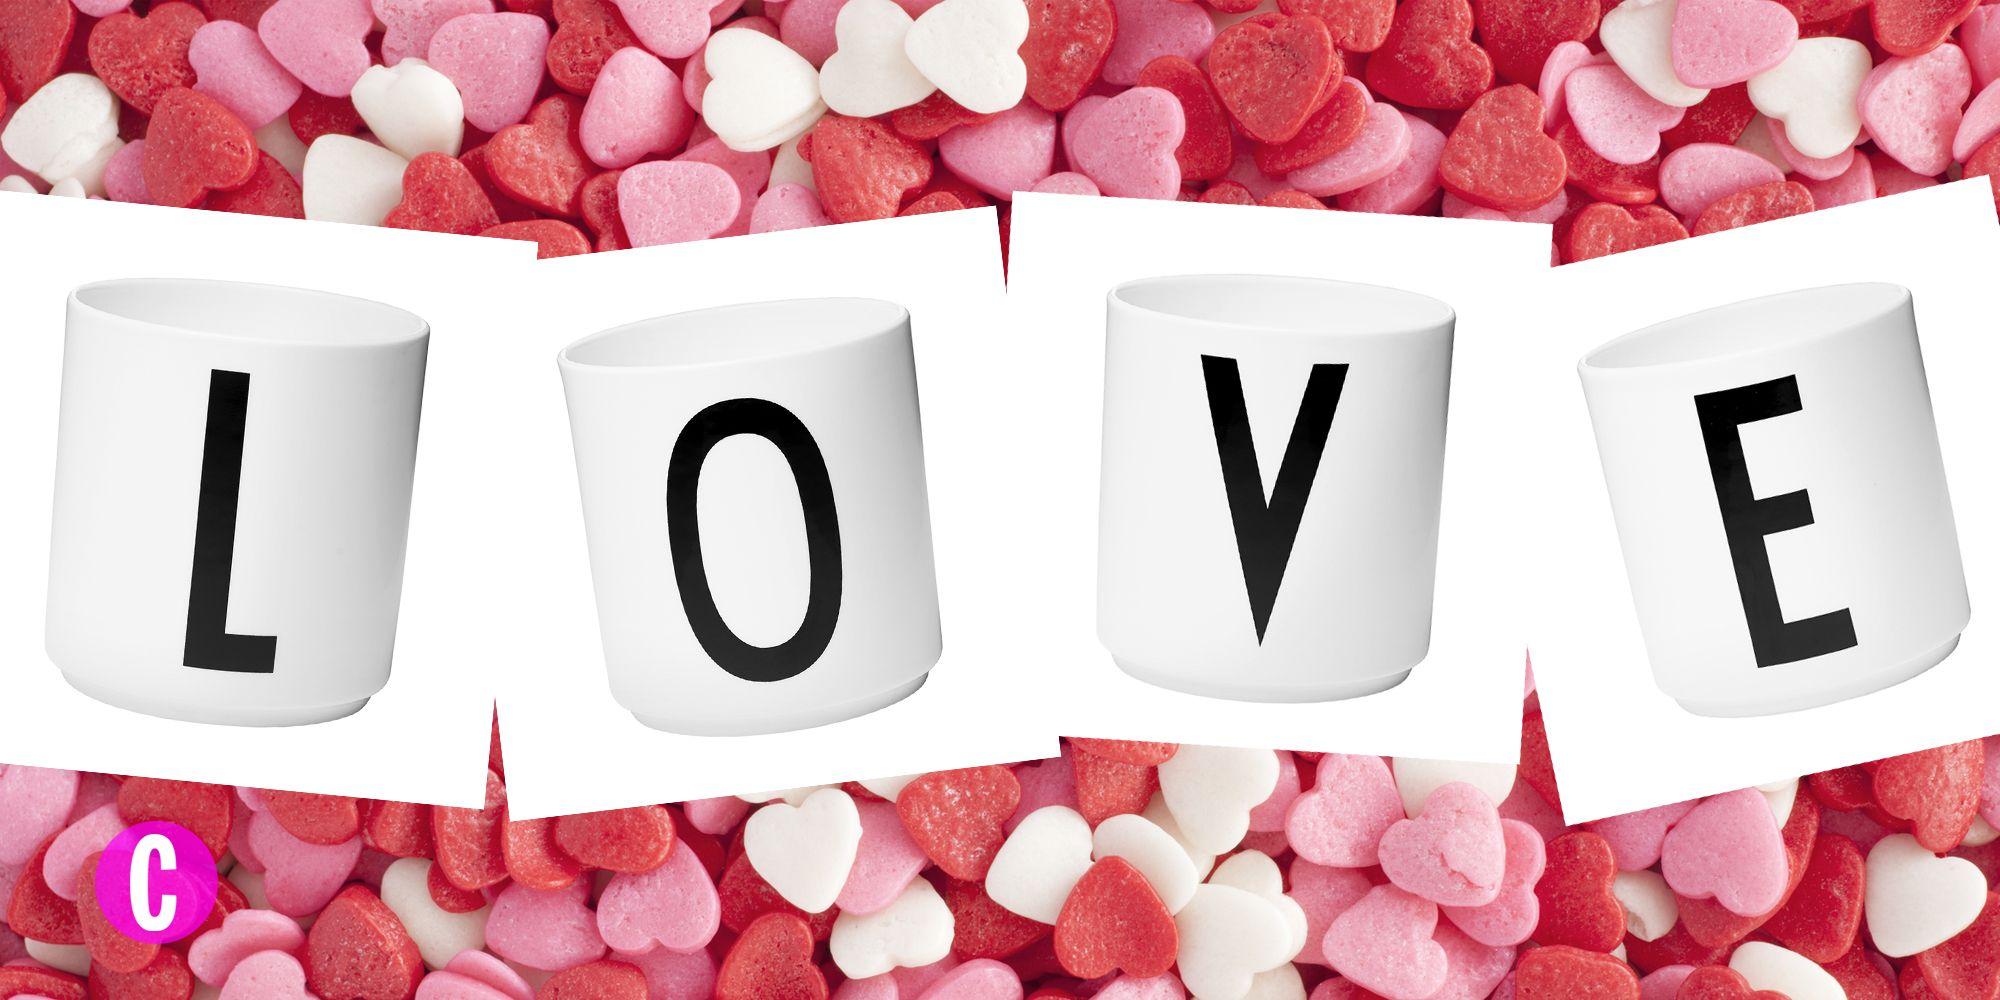 Scopri cosa regalare a San Valentino e quali sono le idee più romantiche per lui e per lei per stupire la persona che ami con sorprese o doni molto particolari e originali.